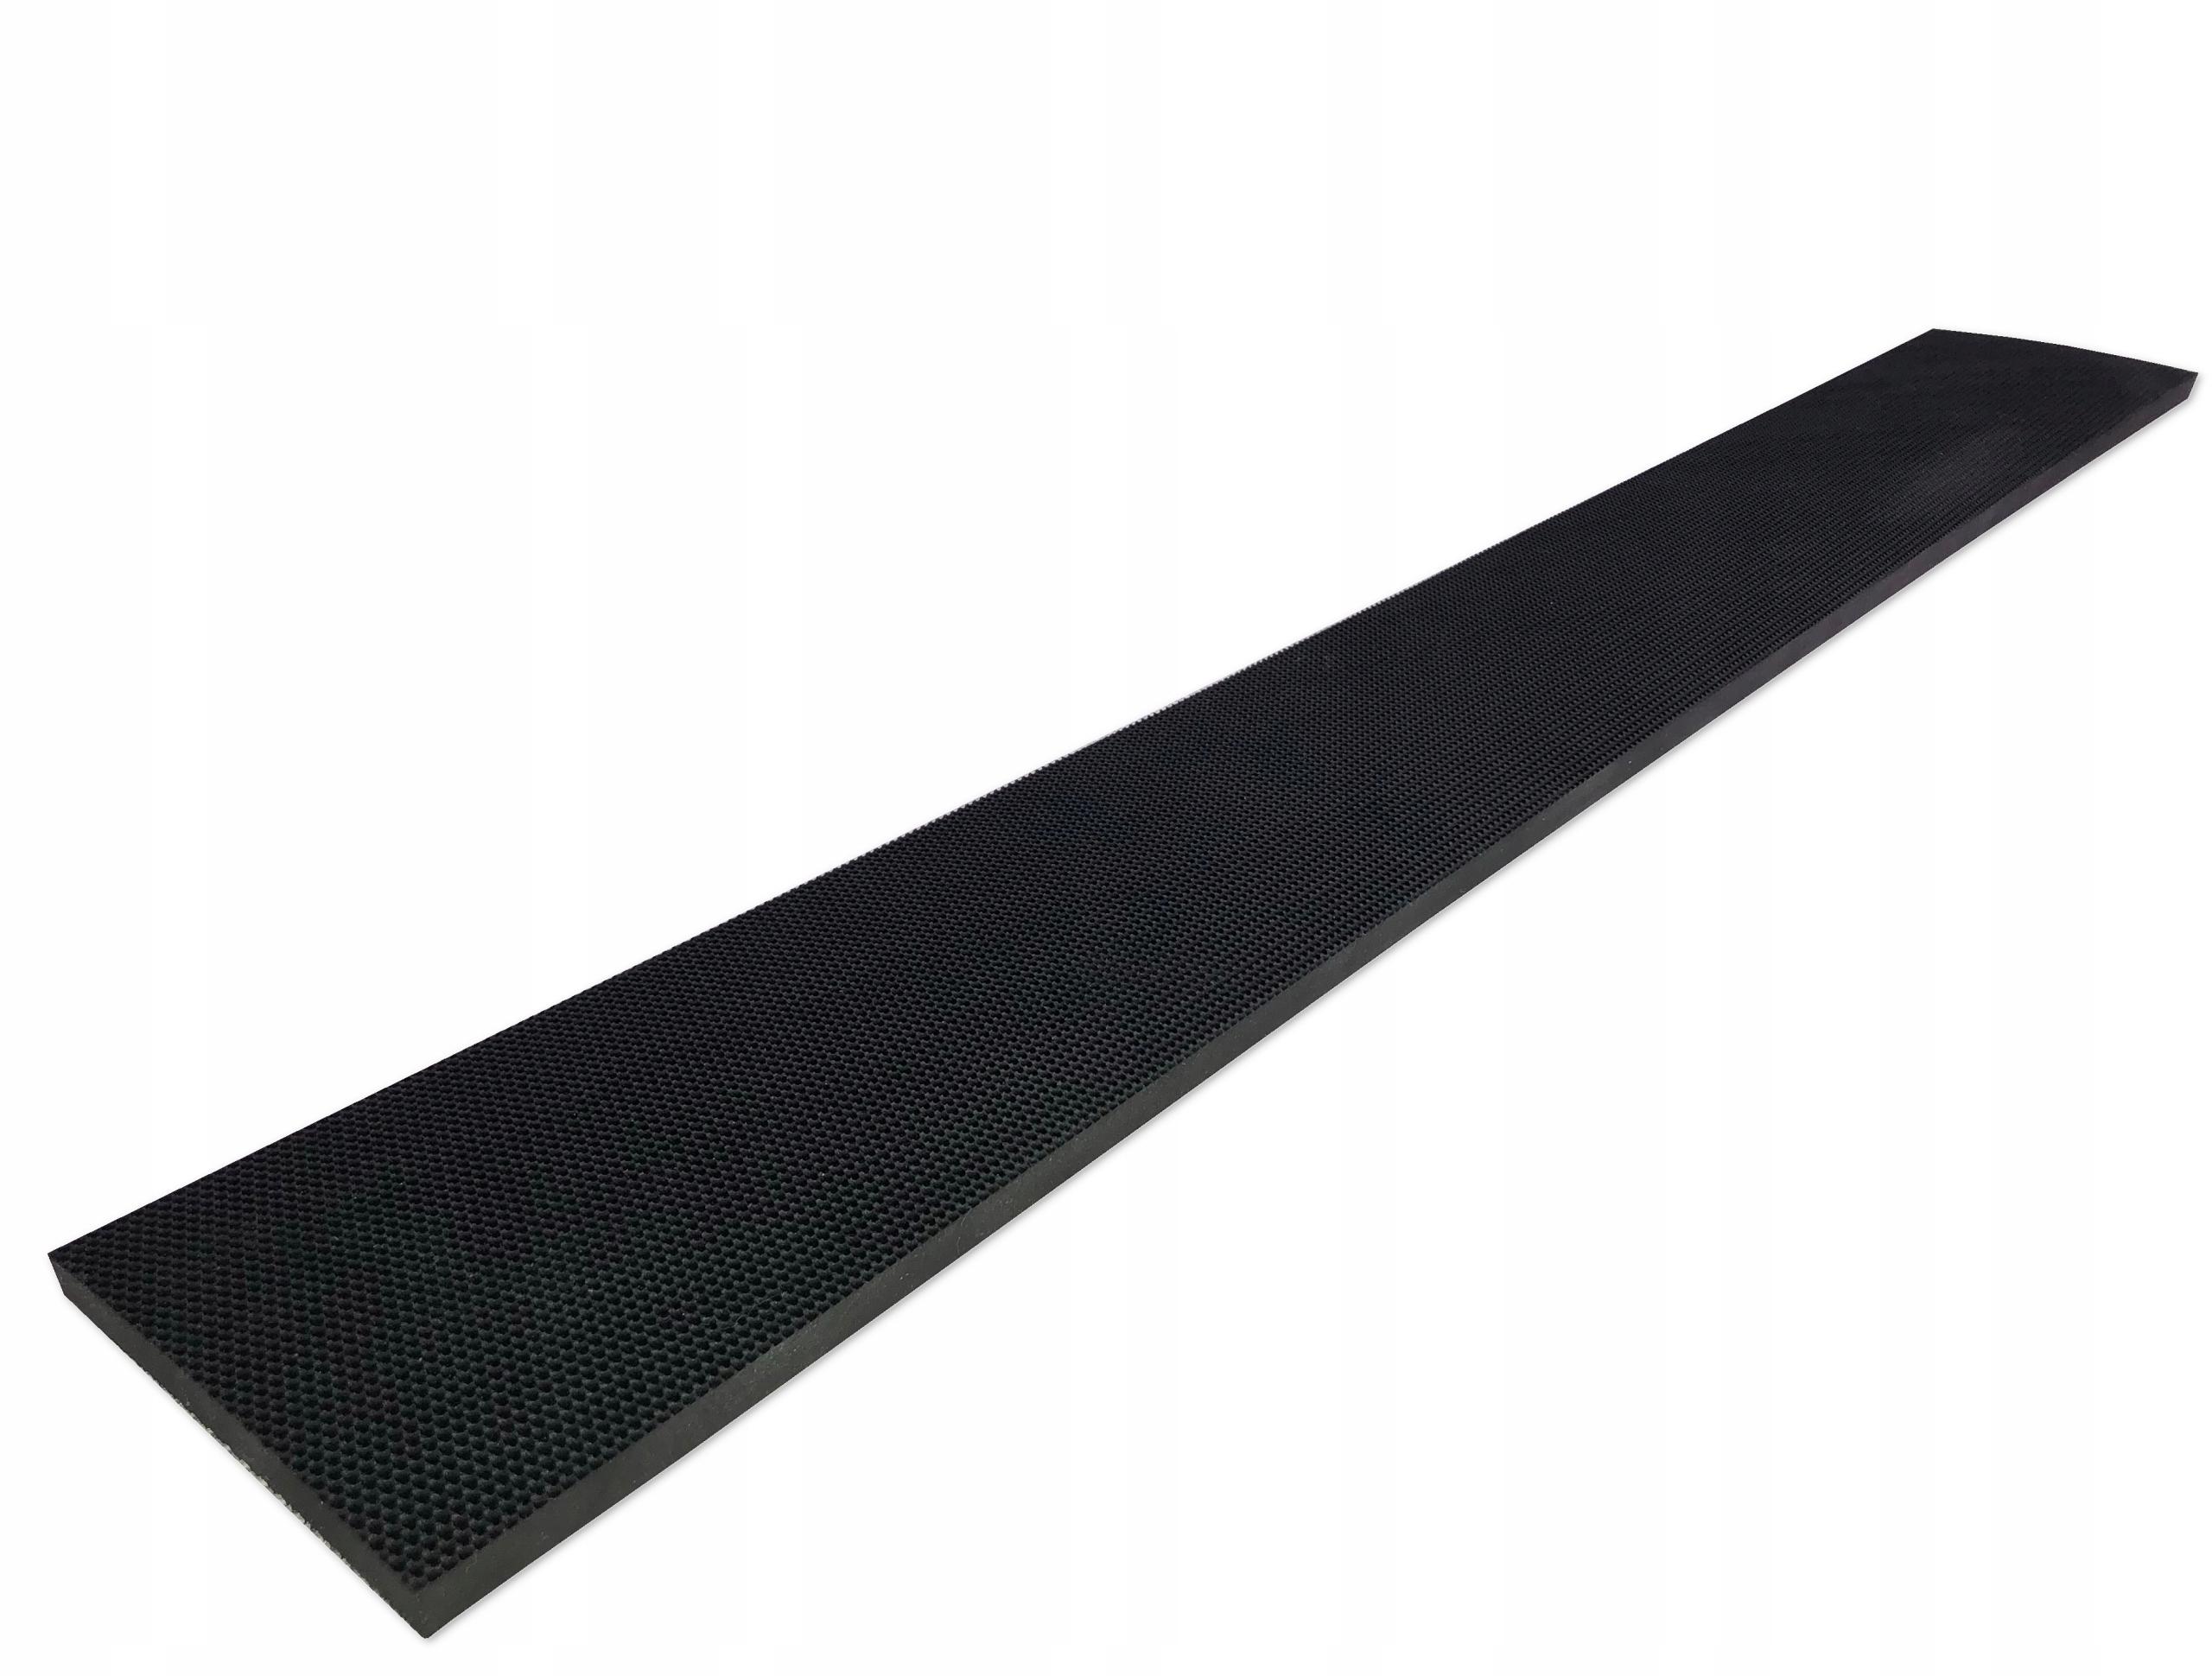 подставки ремни Резиновый под лаги 100cmx10cmx8mm